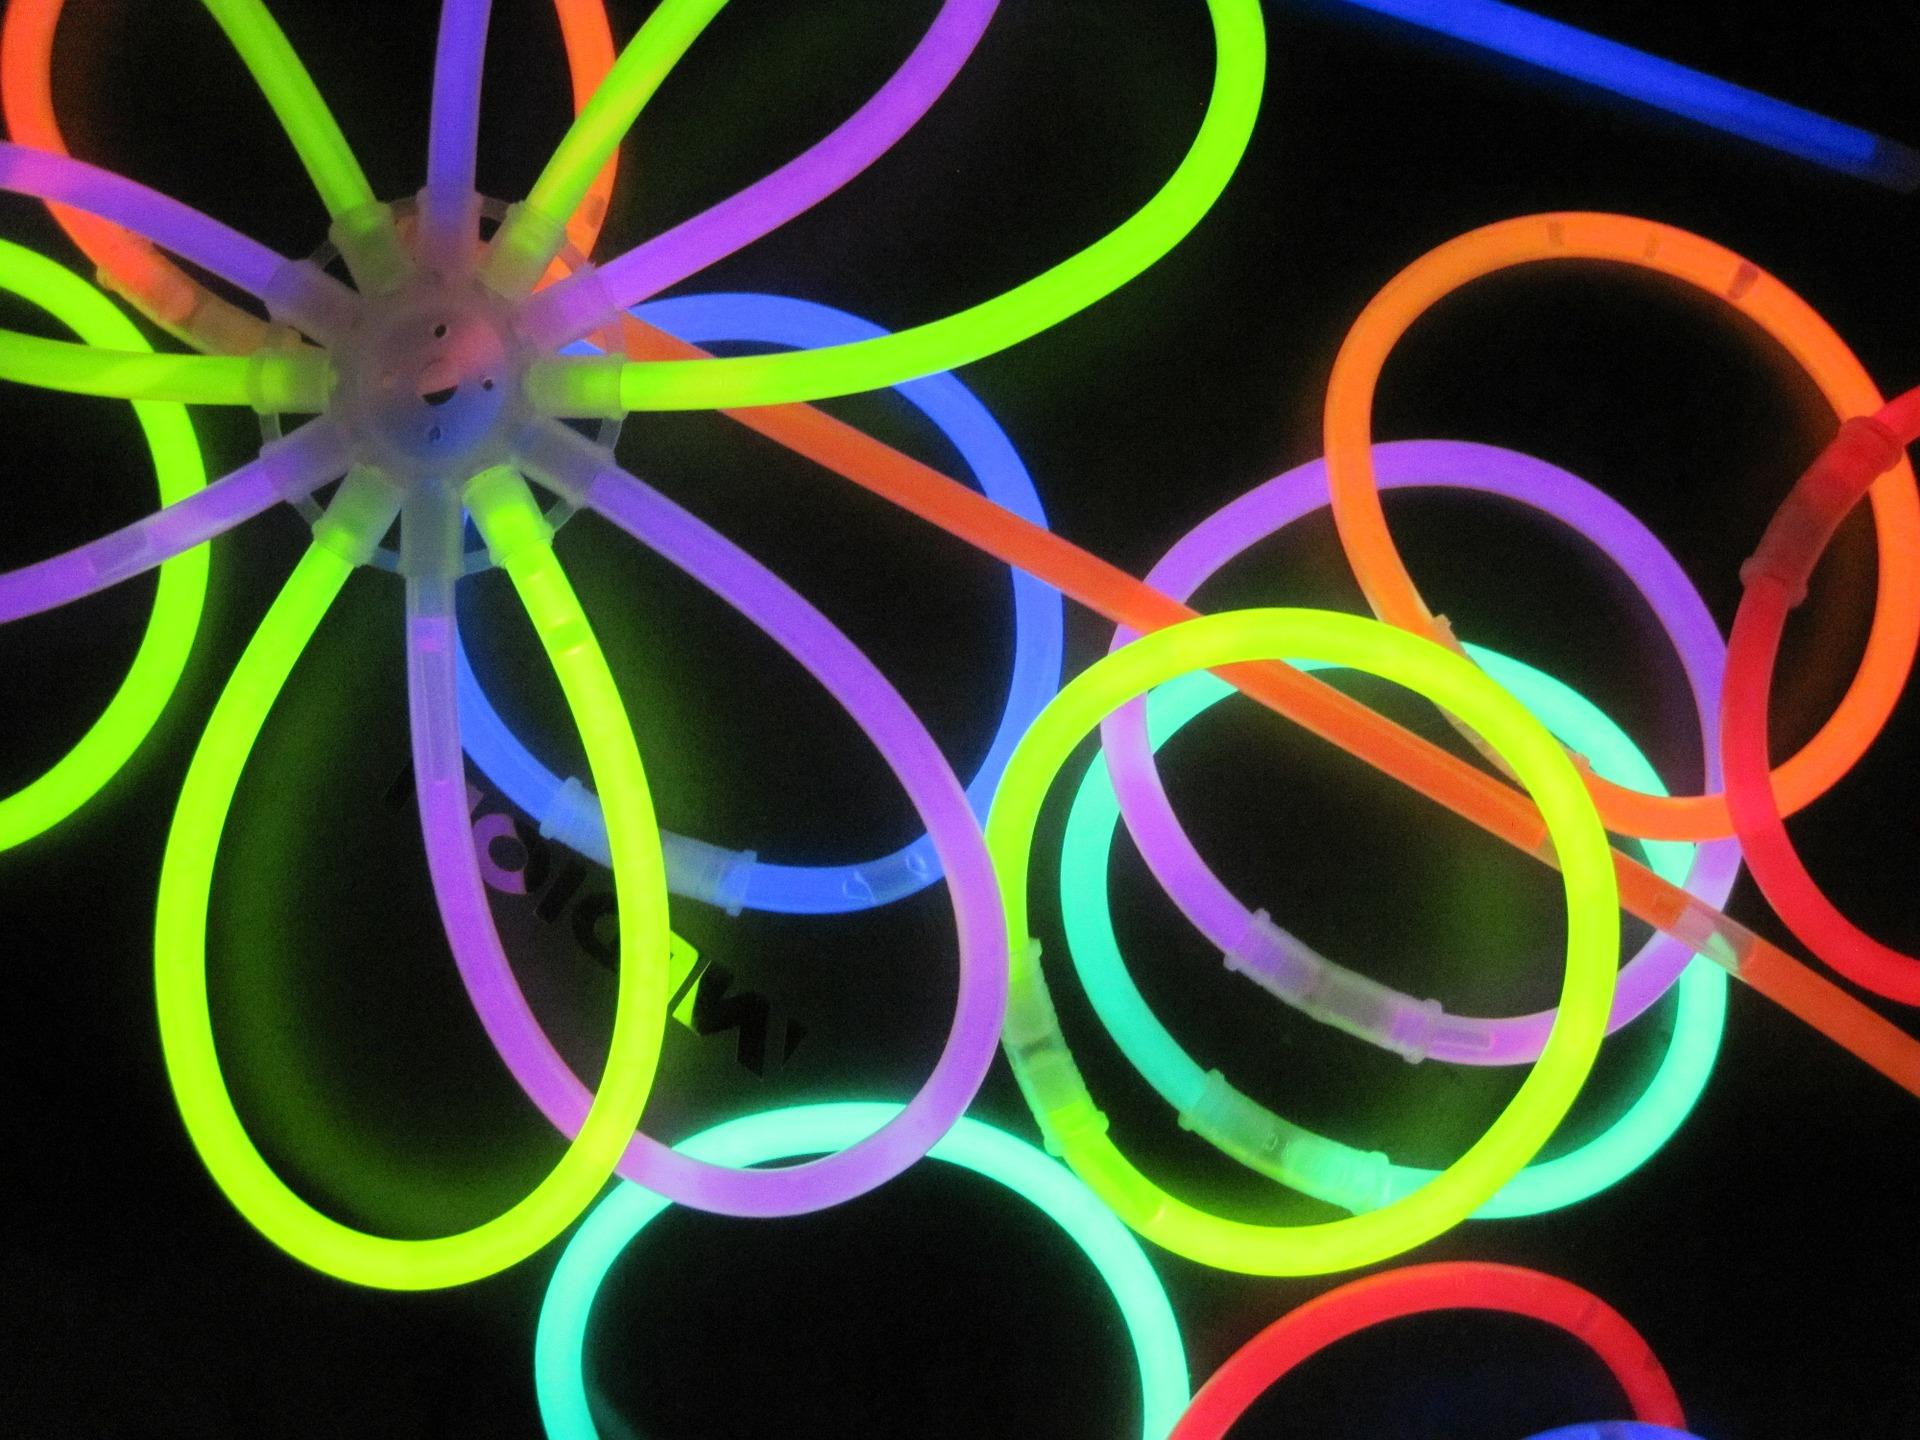 glow-stick-558591_1920.jpg